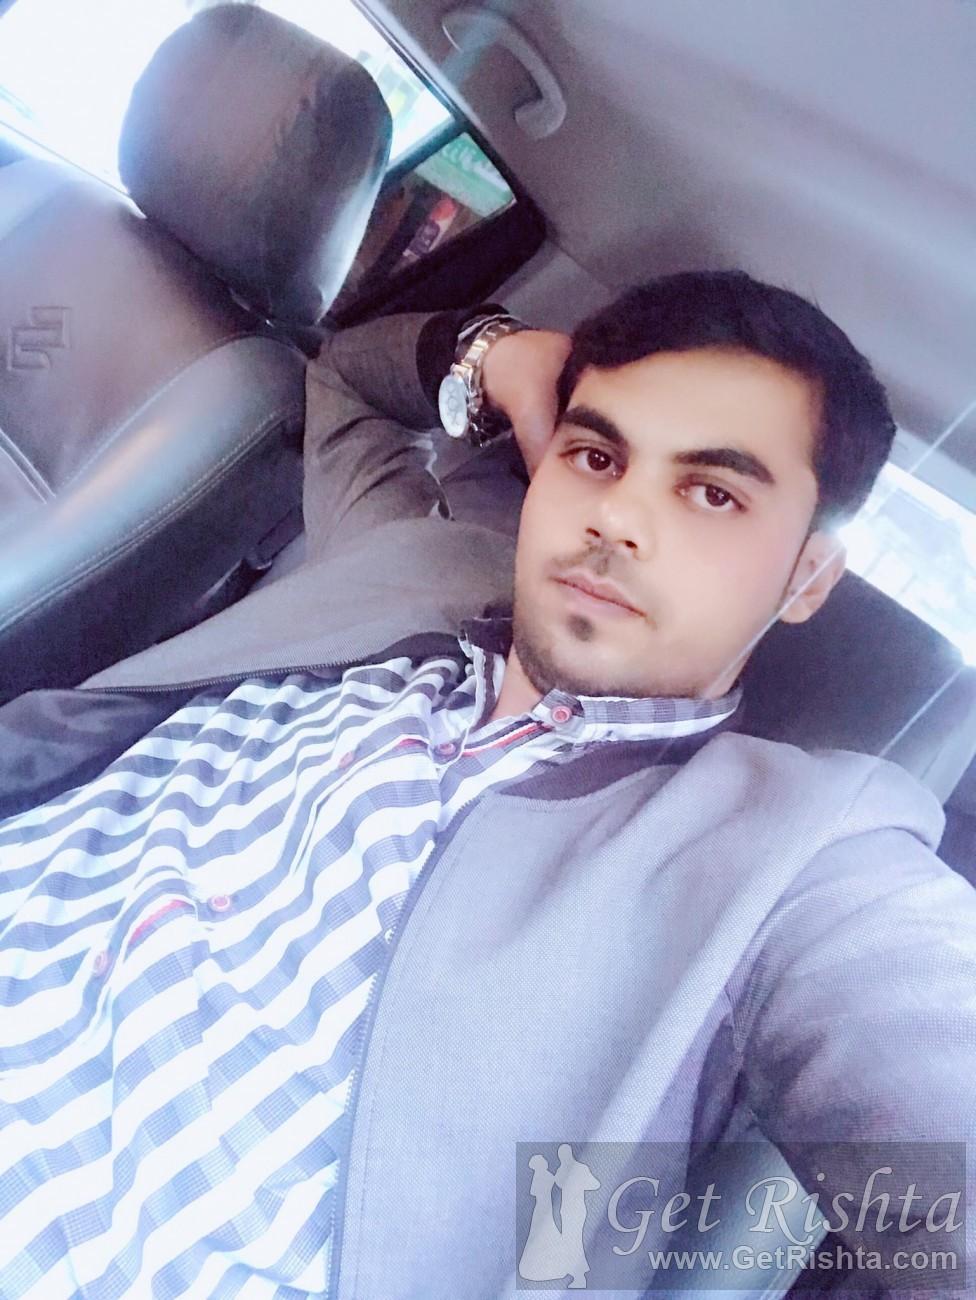 Boy Rishta Marriage Faisalabad Arain Mian proposal |